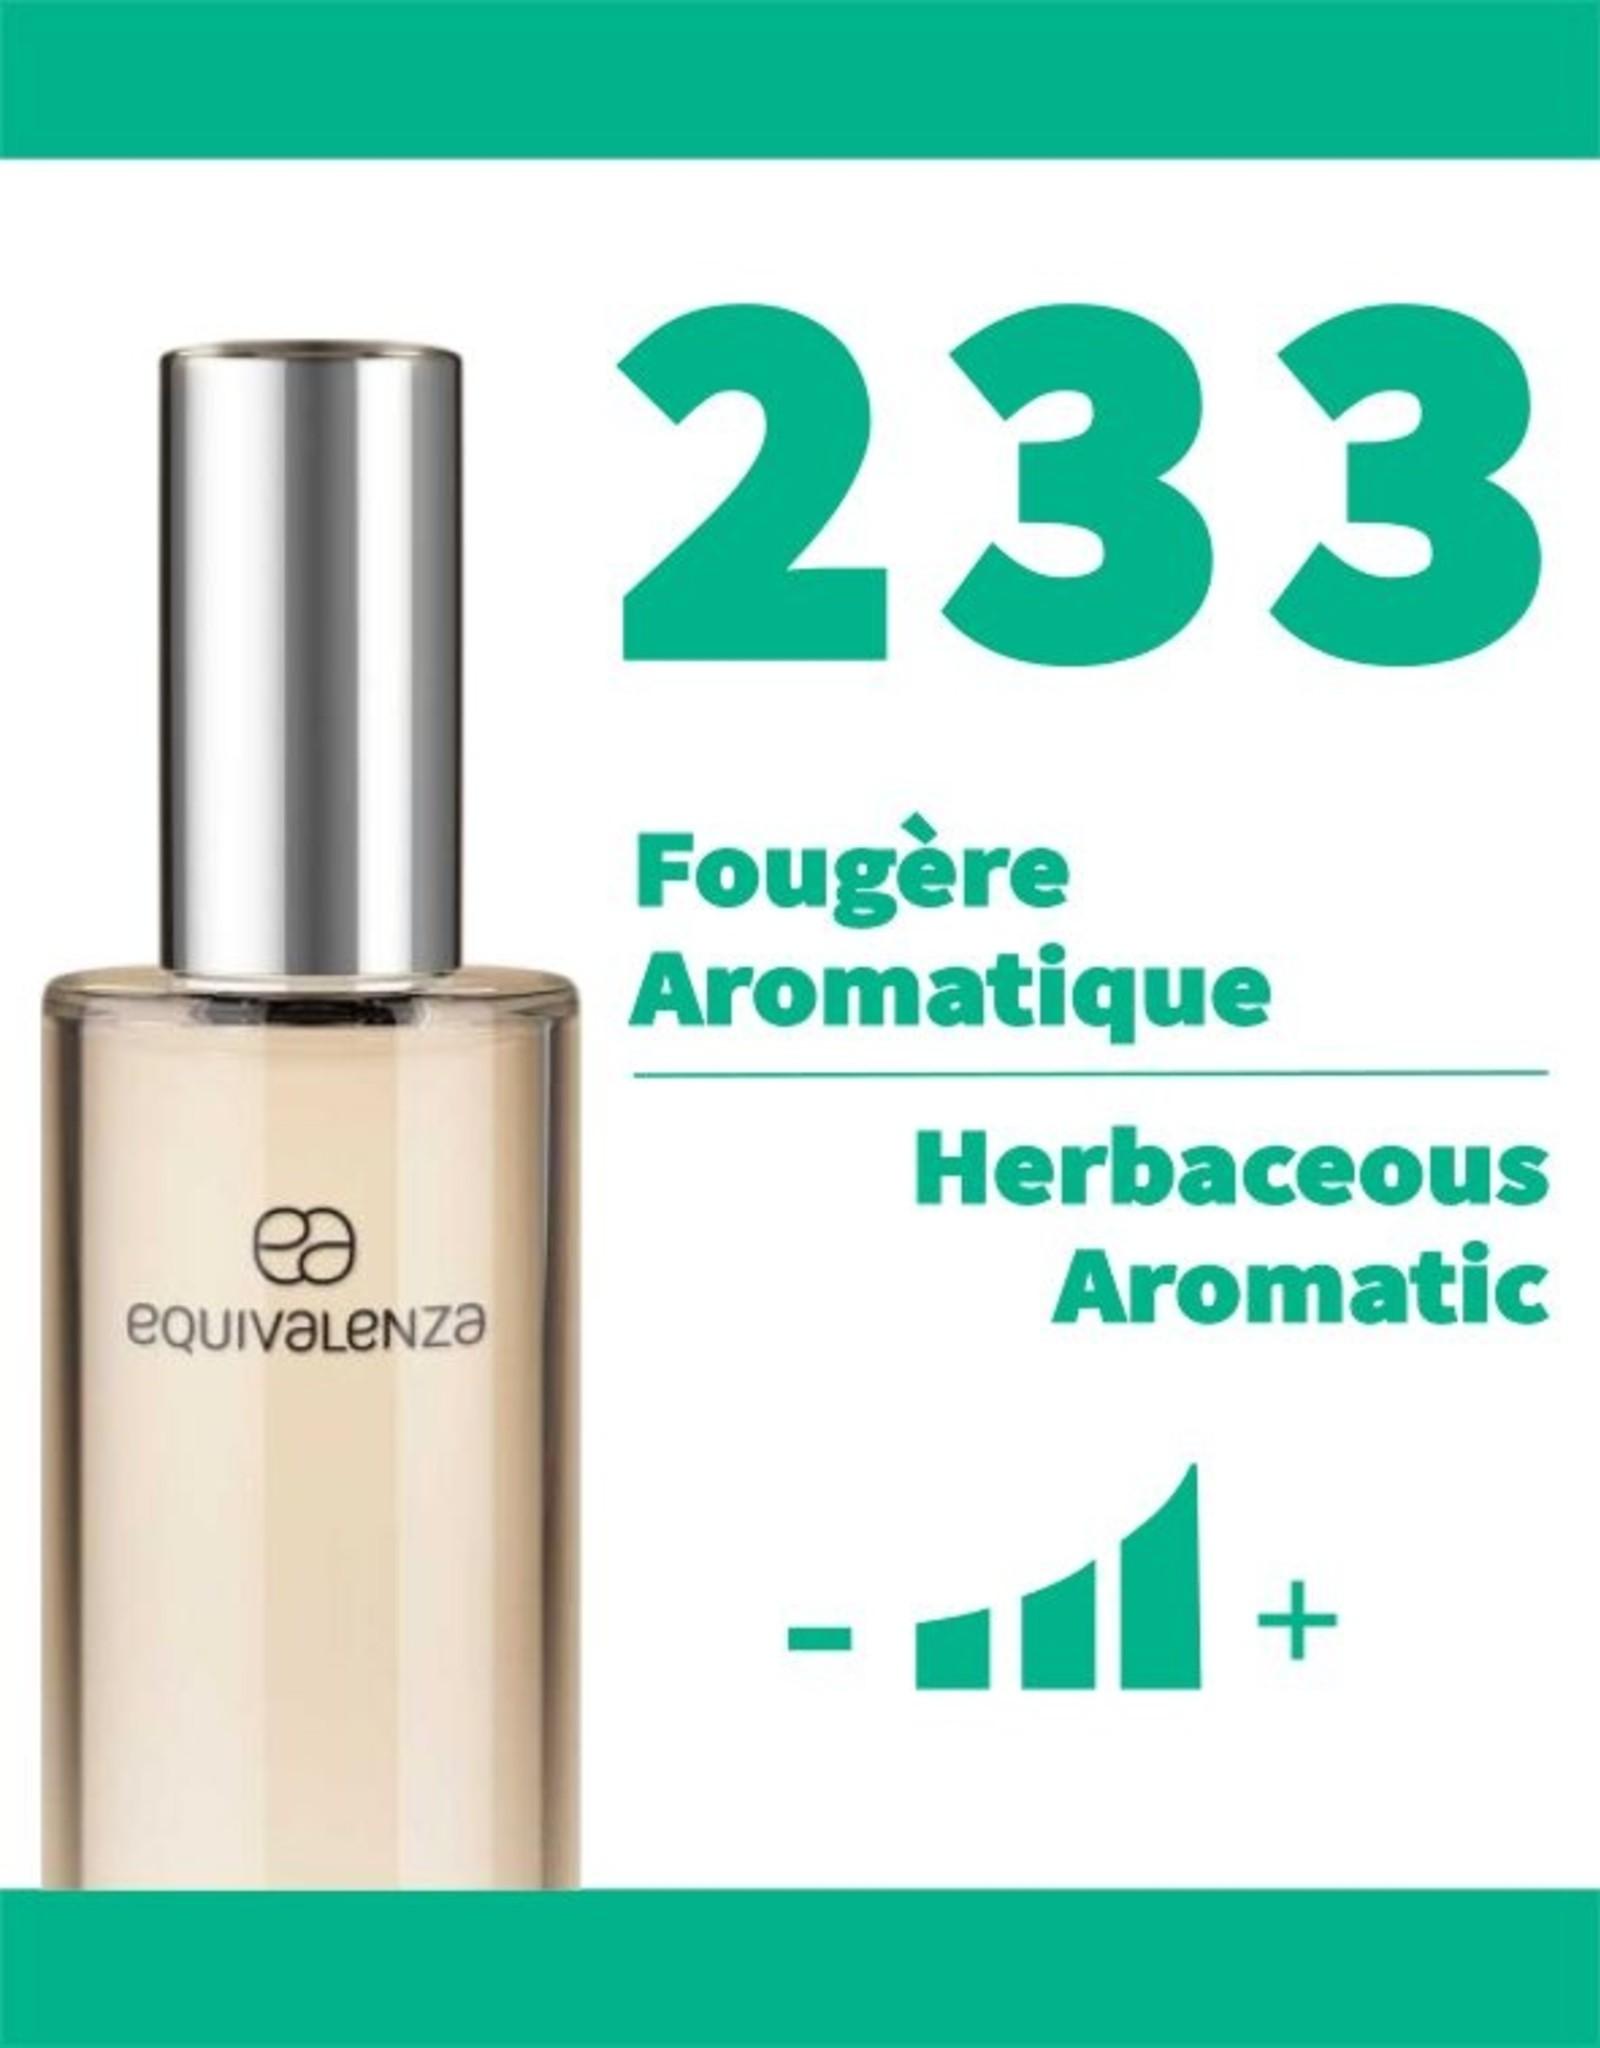 Equivalenza Eau de Toilette Fougère Aromatique 233